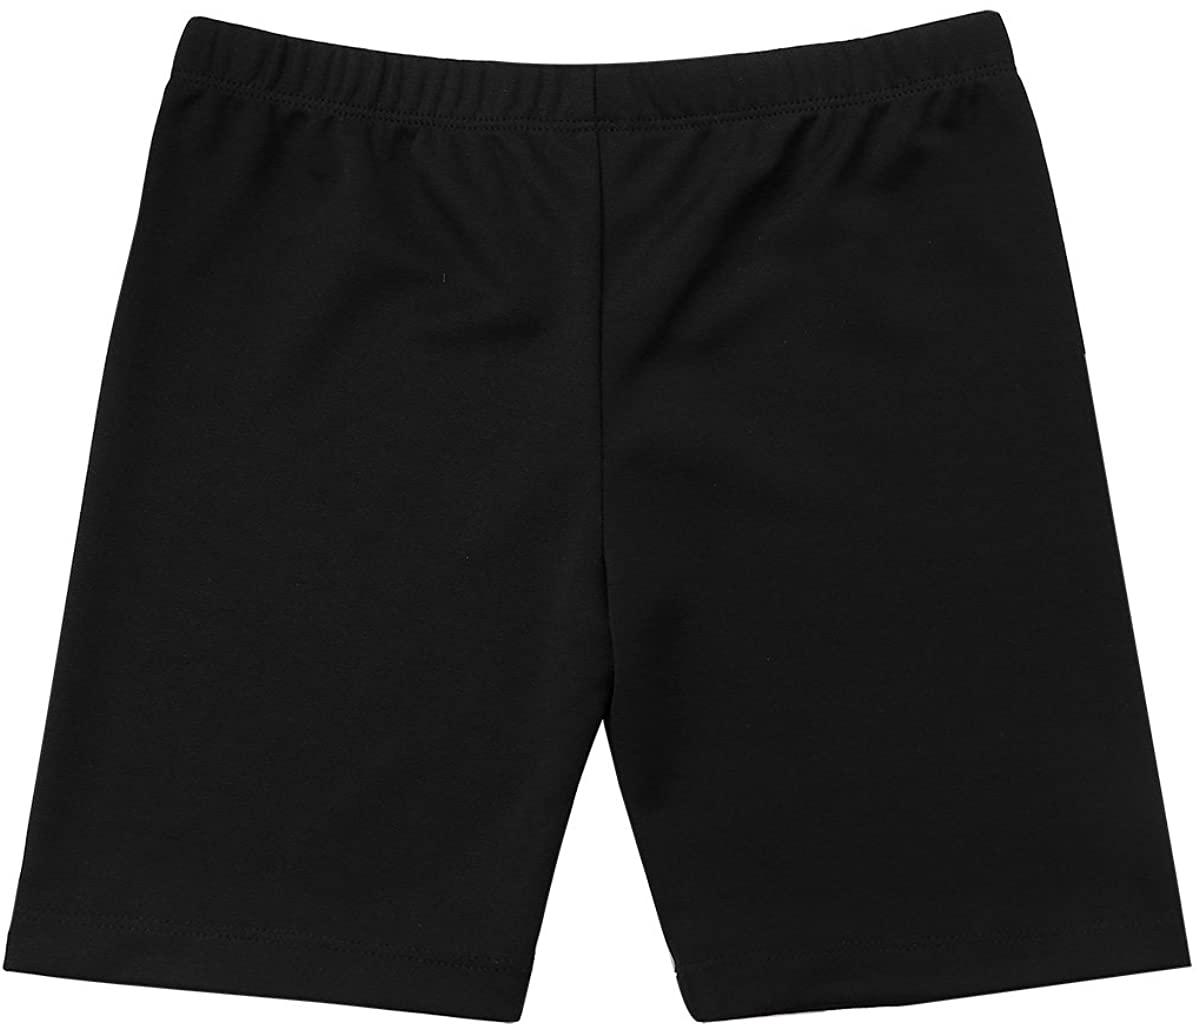 iEFiEL Girls Kids Stretch Bike Shorts Gym Gymnastics Ballet Dance Underwear Bottoms for Sports Workout